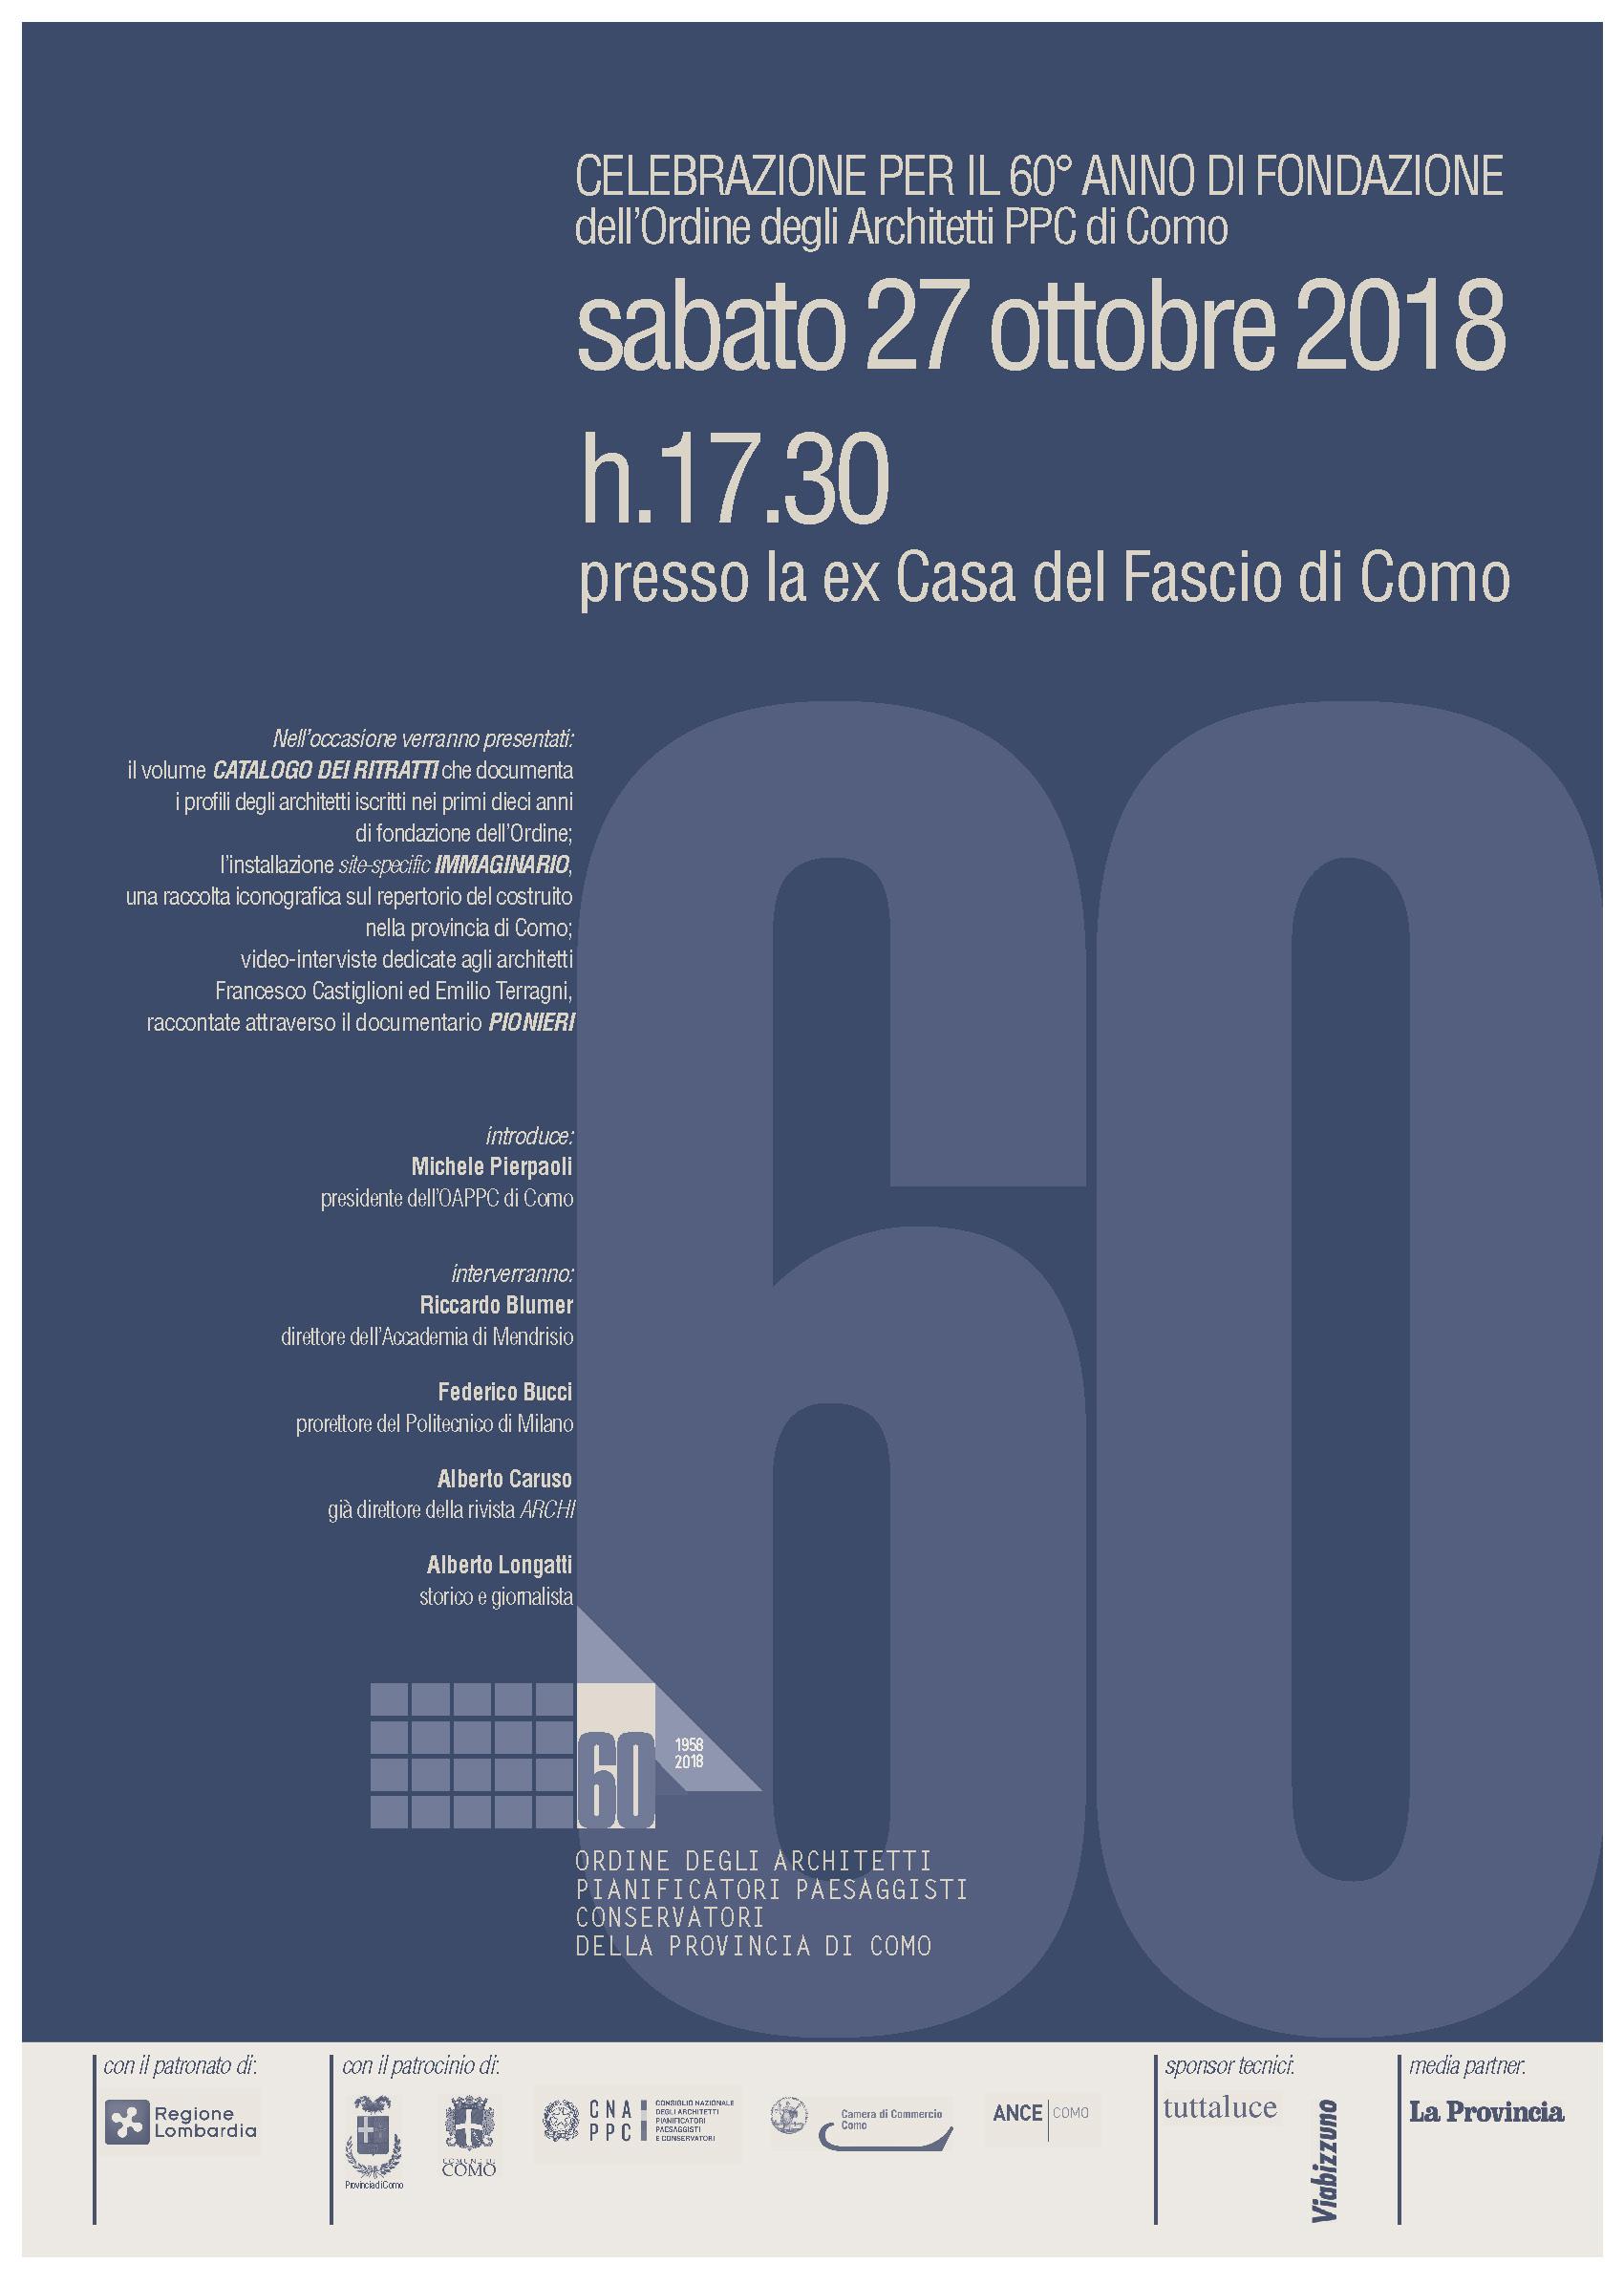 1958 2018 60 fondazione ordine ordine architetti di como for Sito per architetti